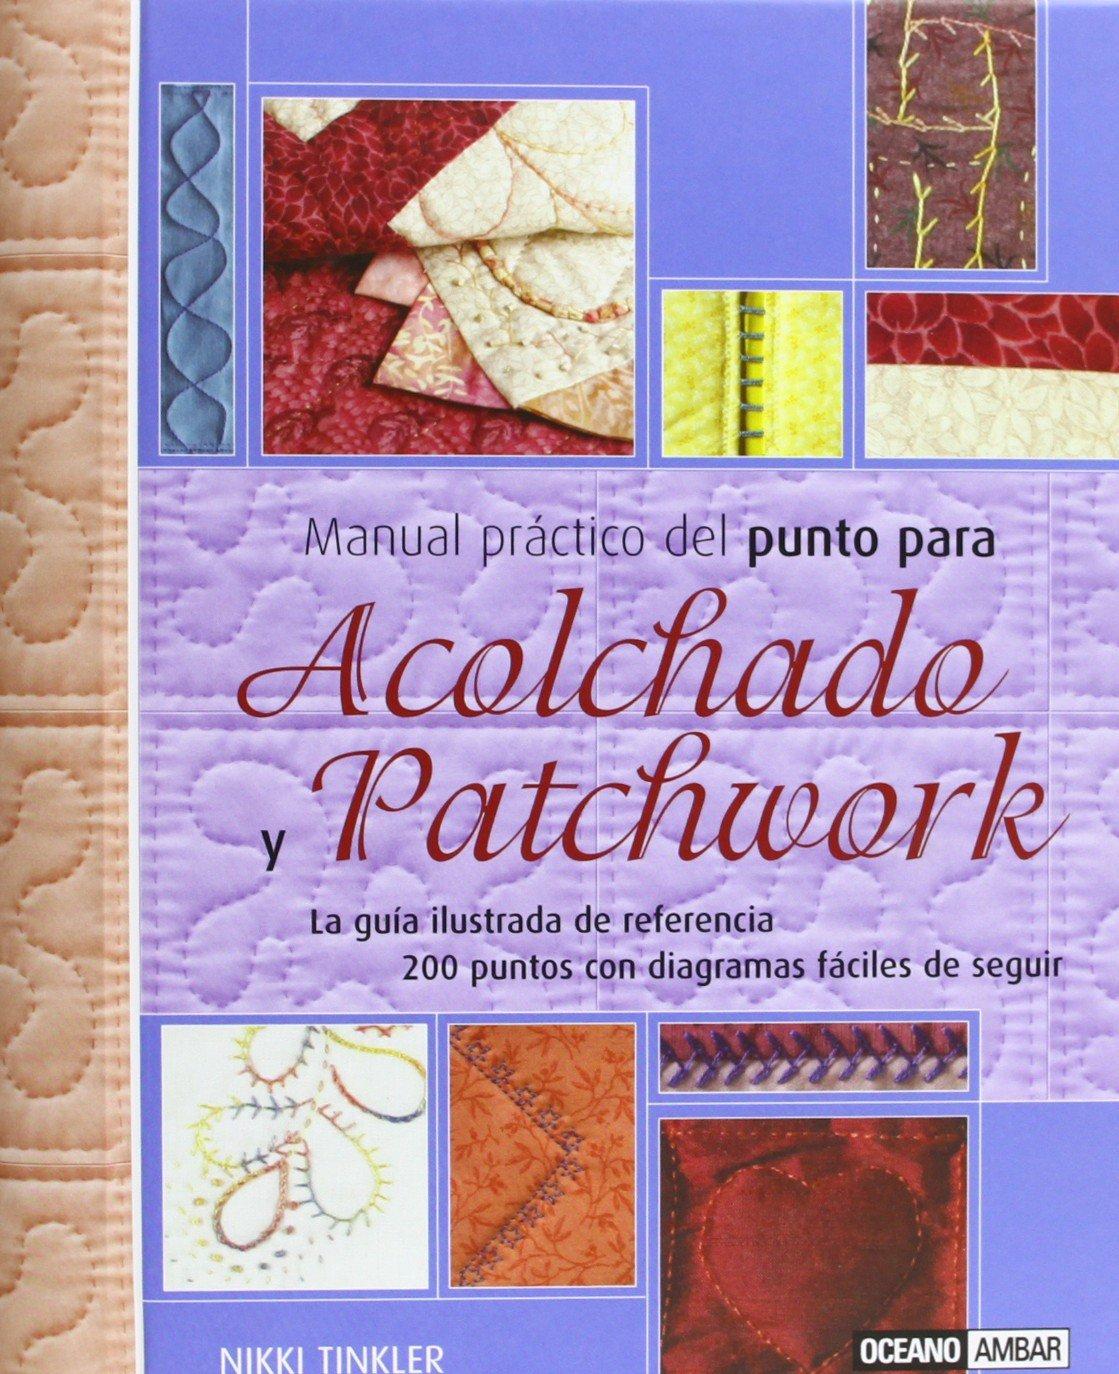 Manual práctico del punto para Acolchado y Patchwork: 200 puntos con  diagramas fáciles de seguir Ilustrados: Amazon.es: Nikki Tinkler: Libros